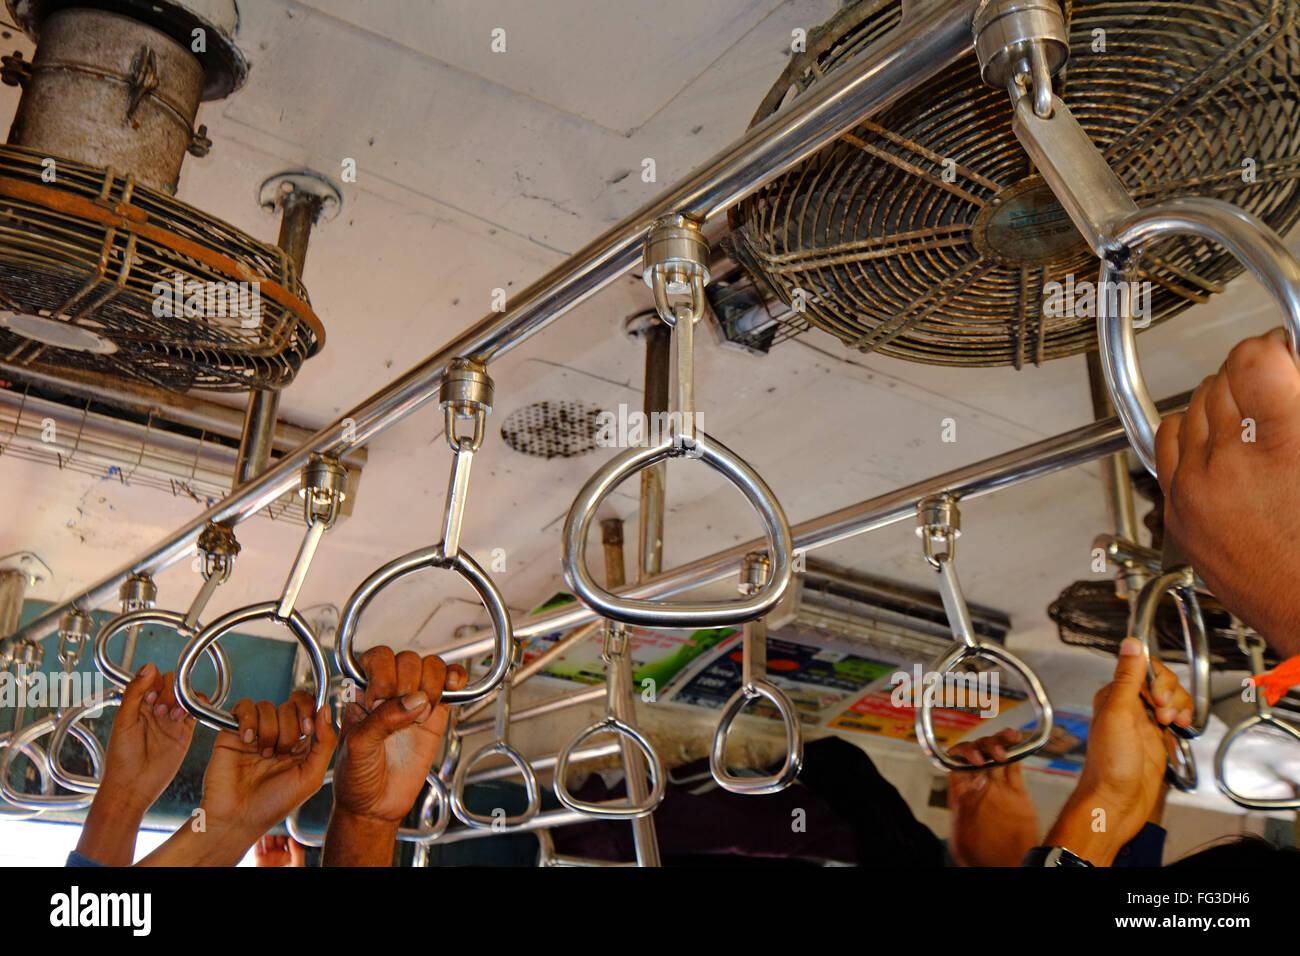 Les banlieusards s'accrocher dans un transport de banlieue, Mumbai Inde Banque D'Images